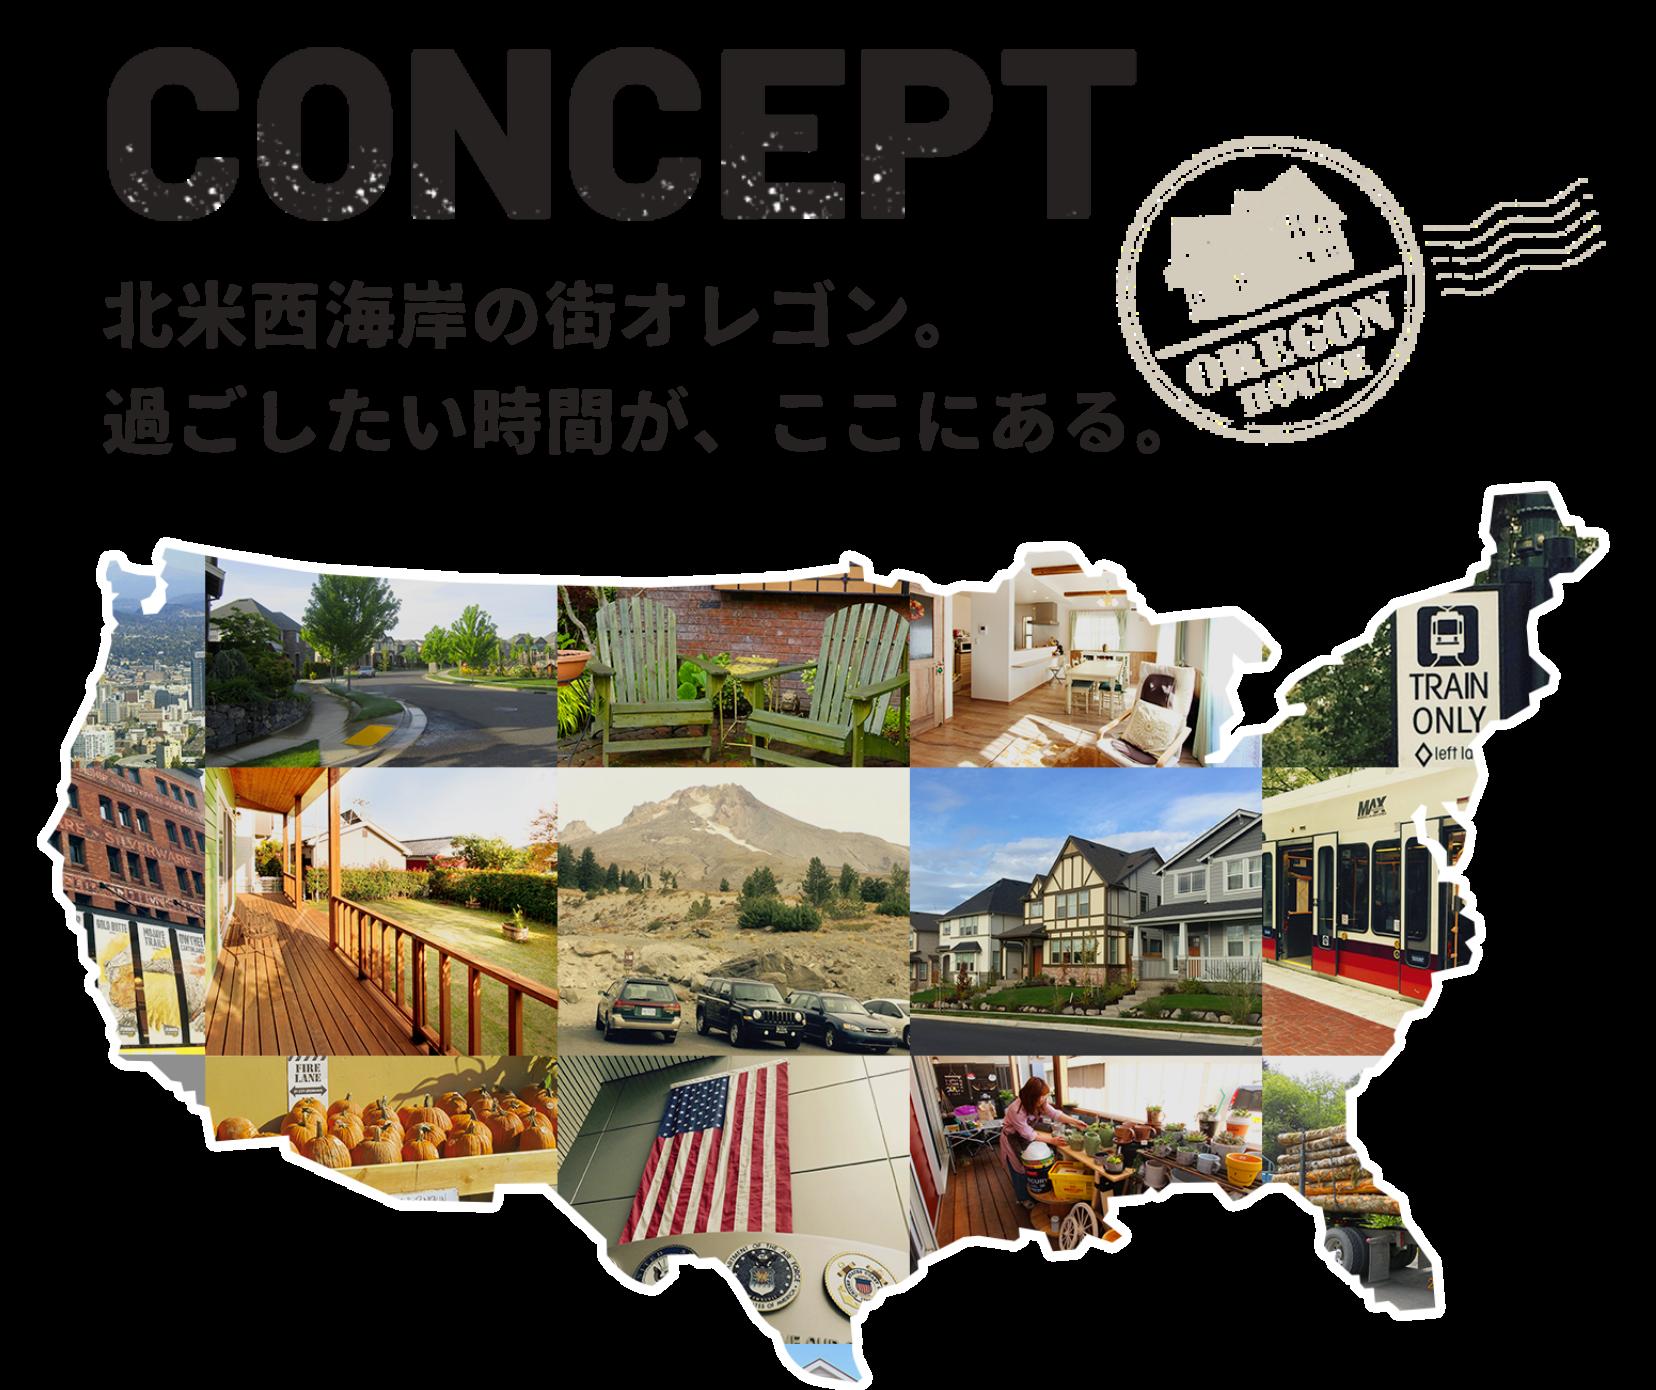 CONCEPT 北米西海岸の町オレゴン。過ごしたい時間が、ここにある。